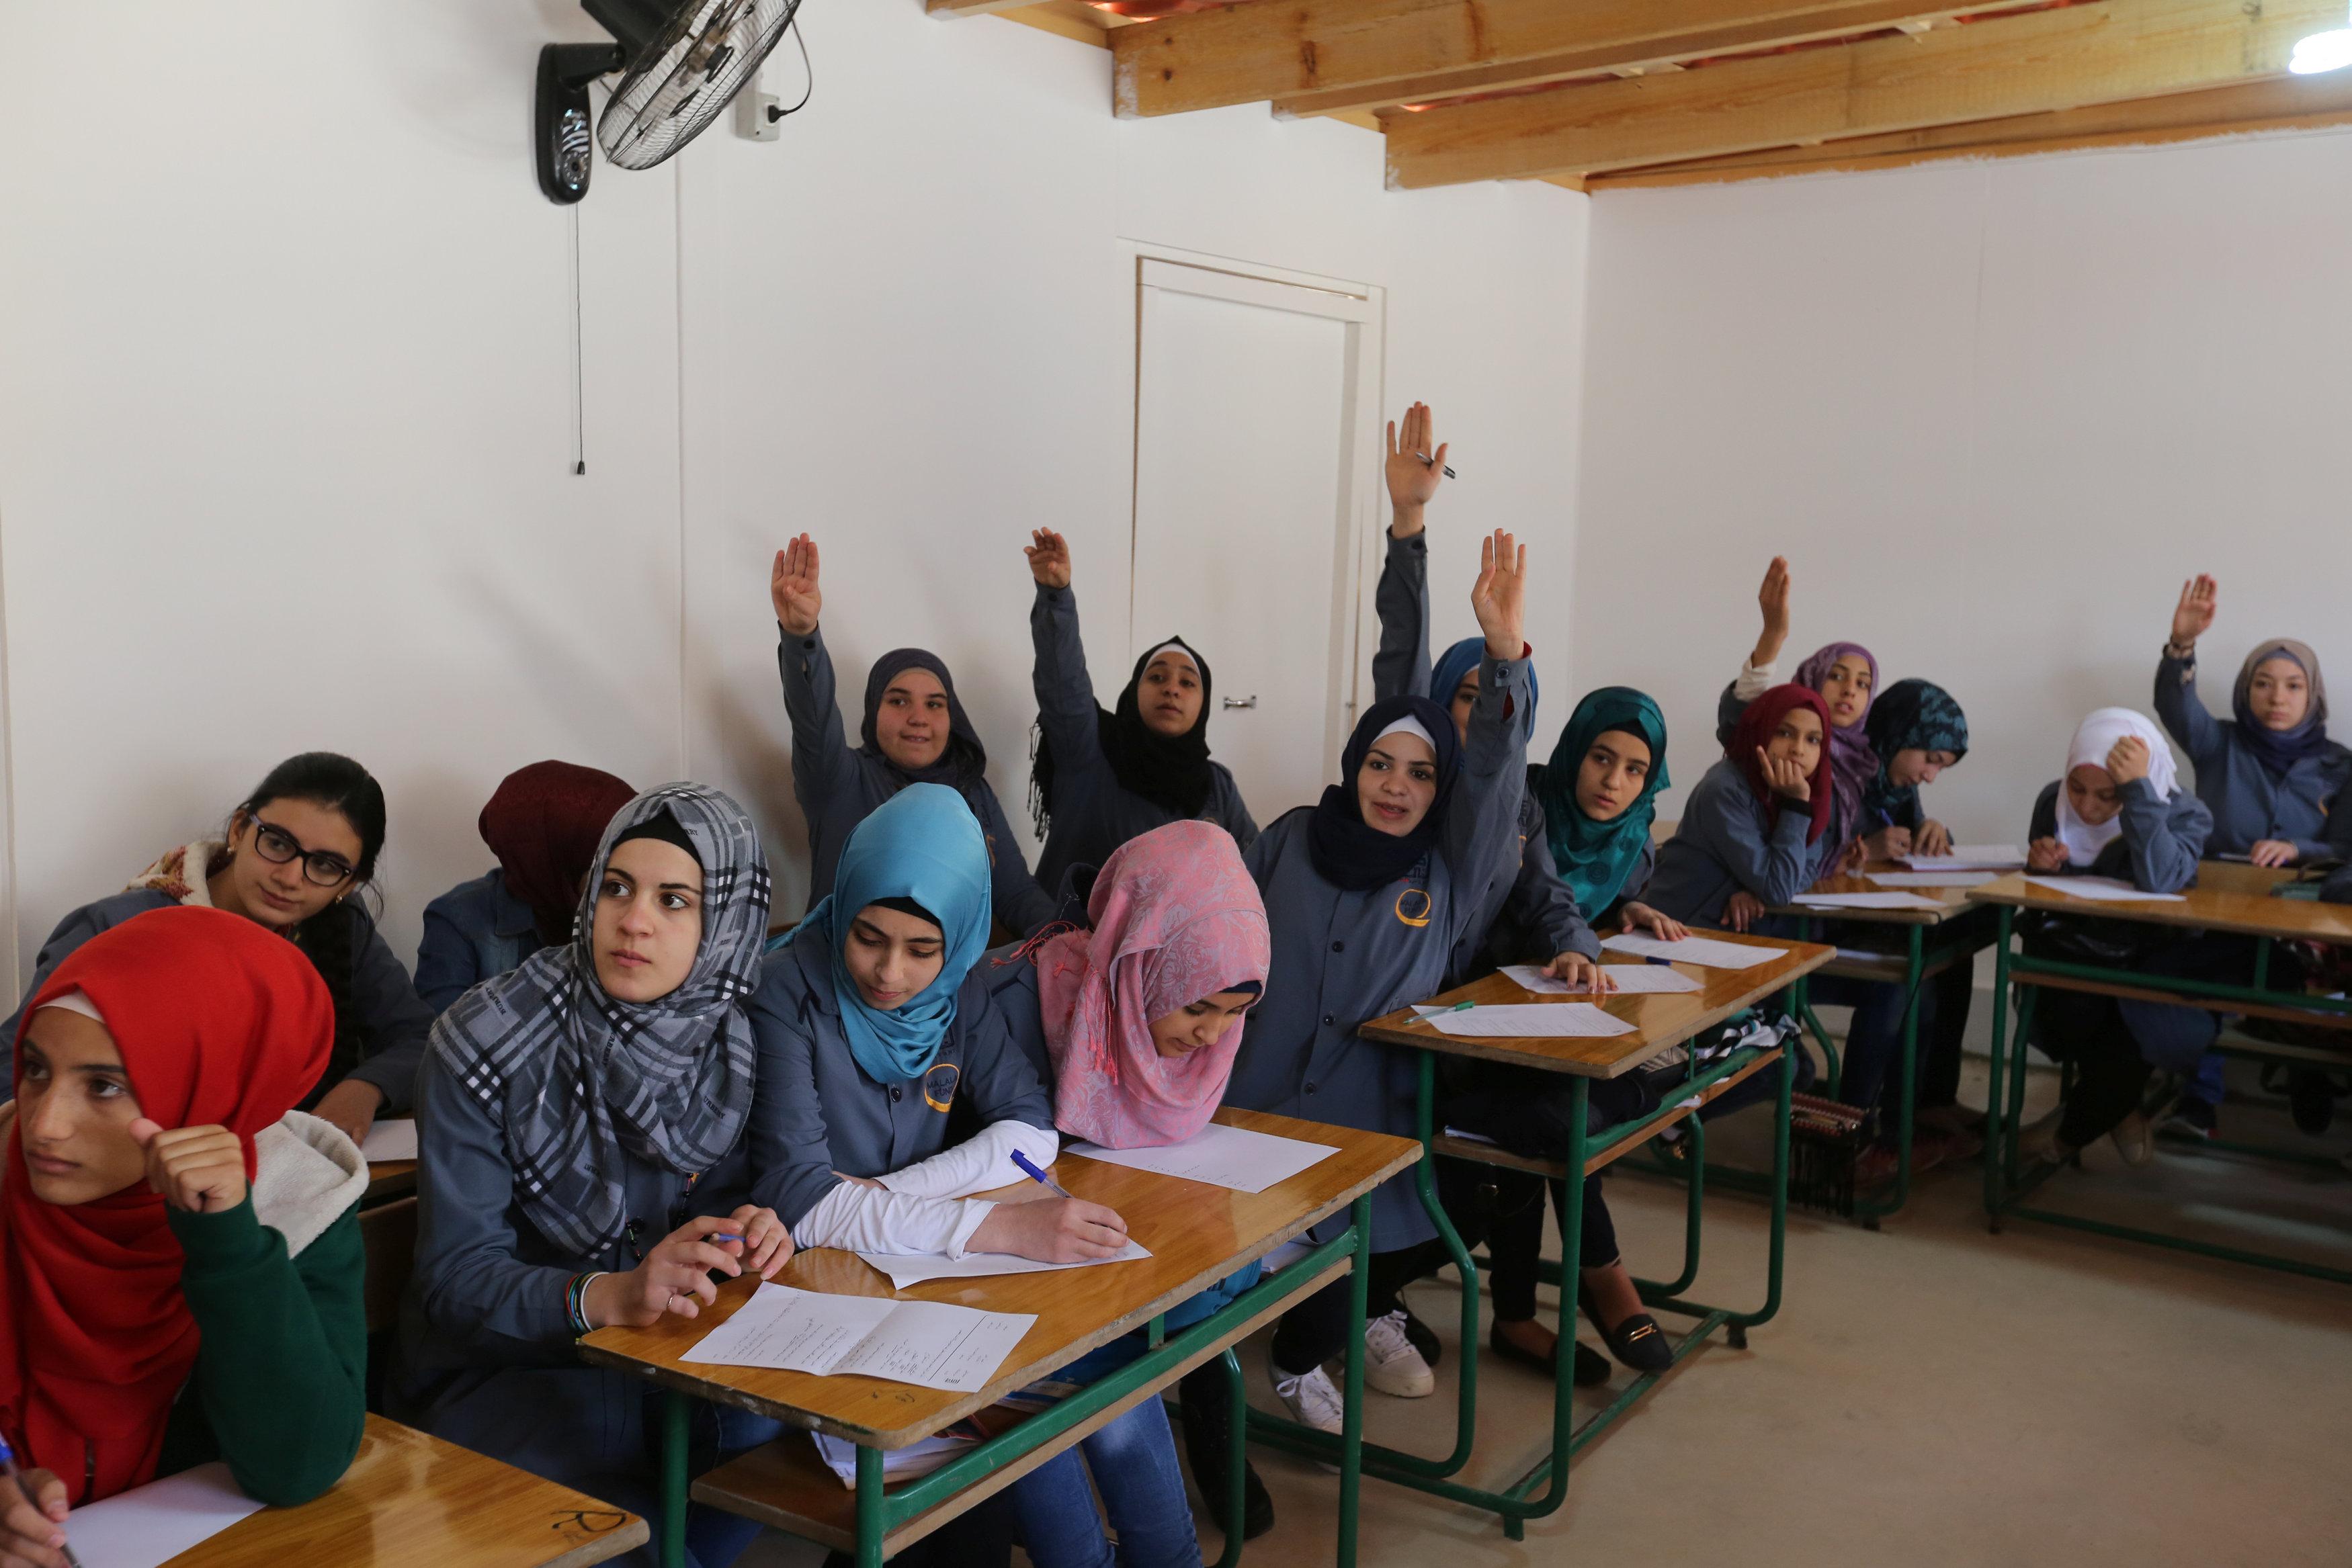 بالصور البنات المراهقات في المدارس , طالبات مراهقة قمة الجمال 4932 11